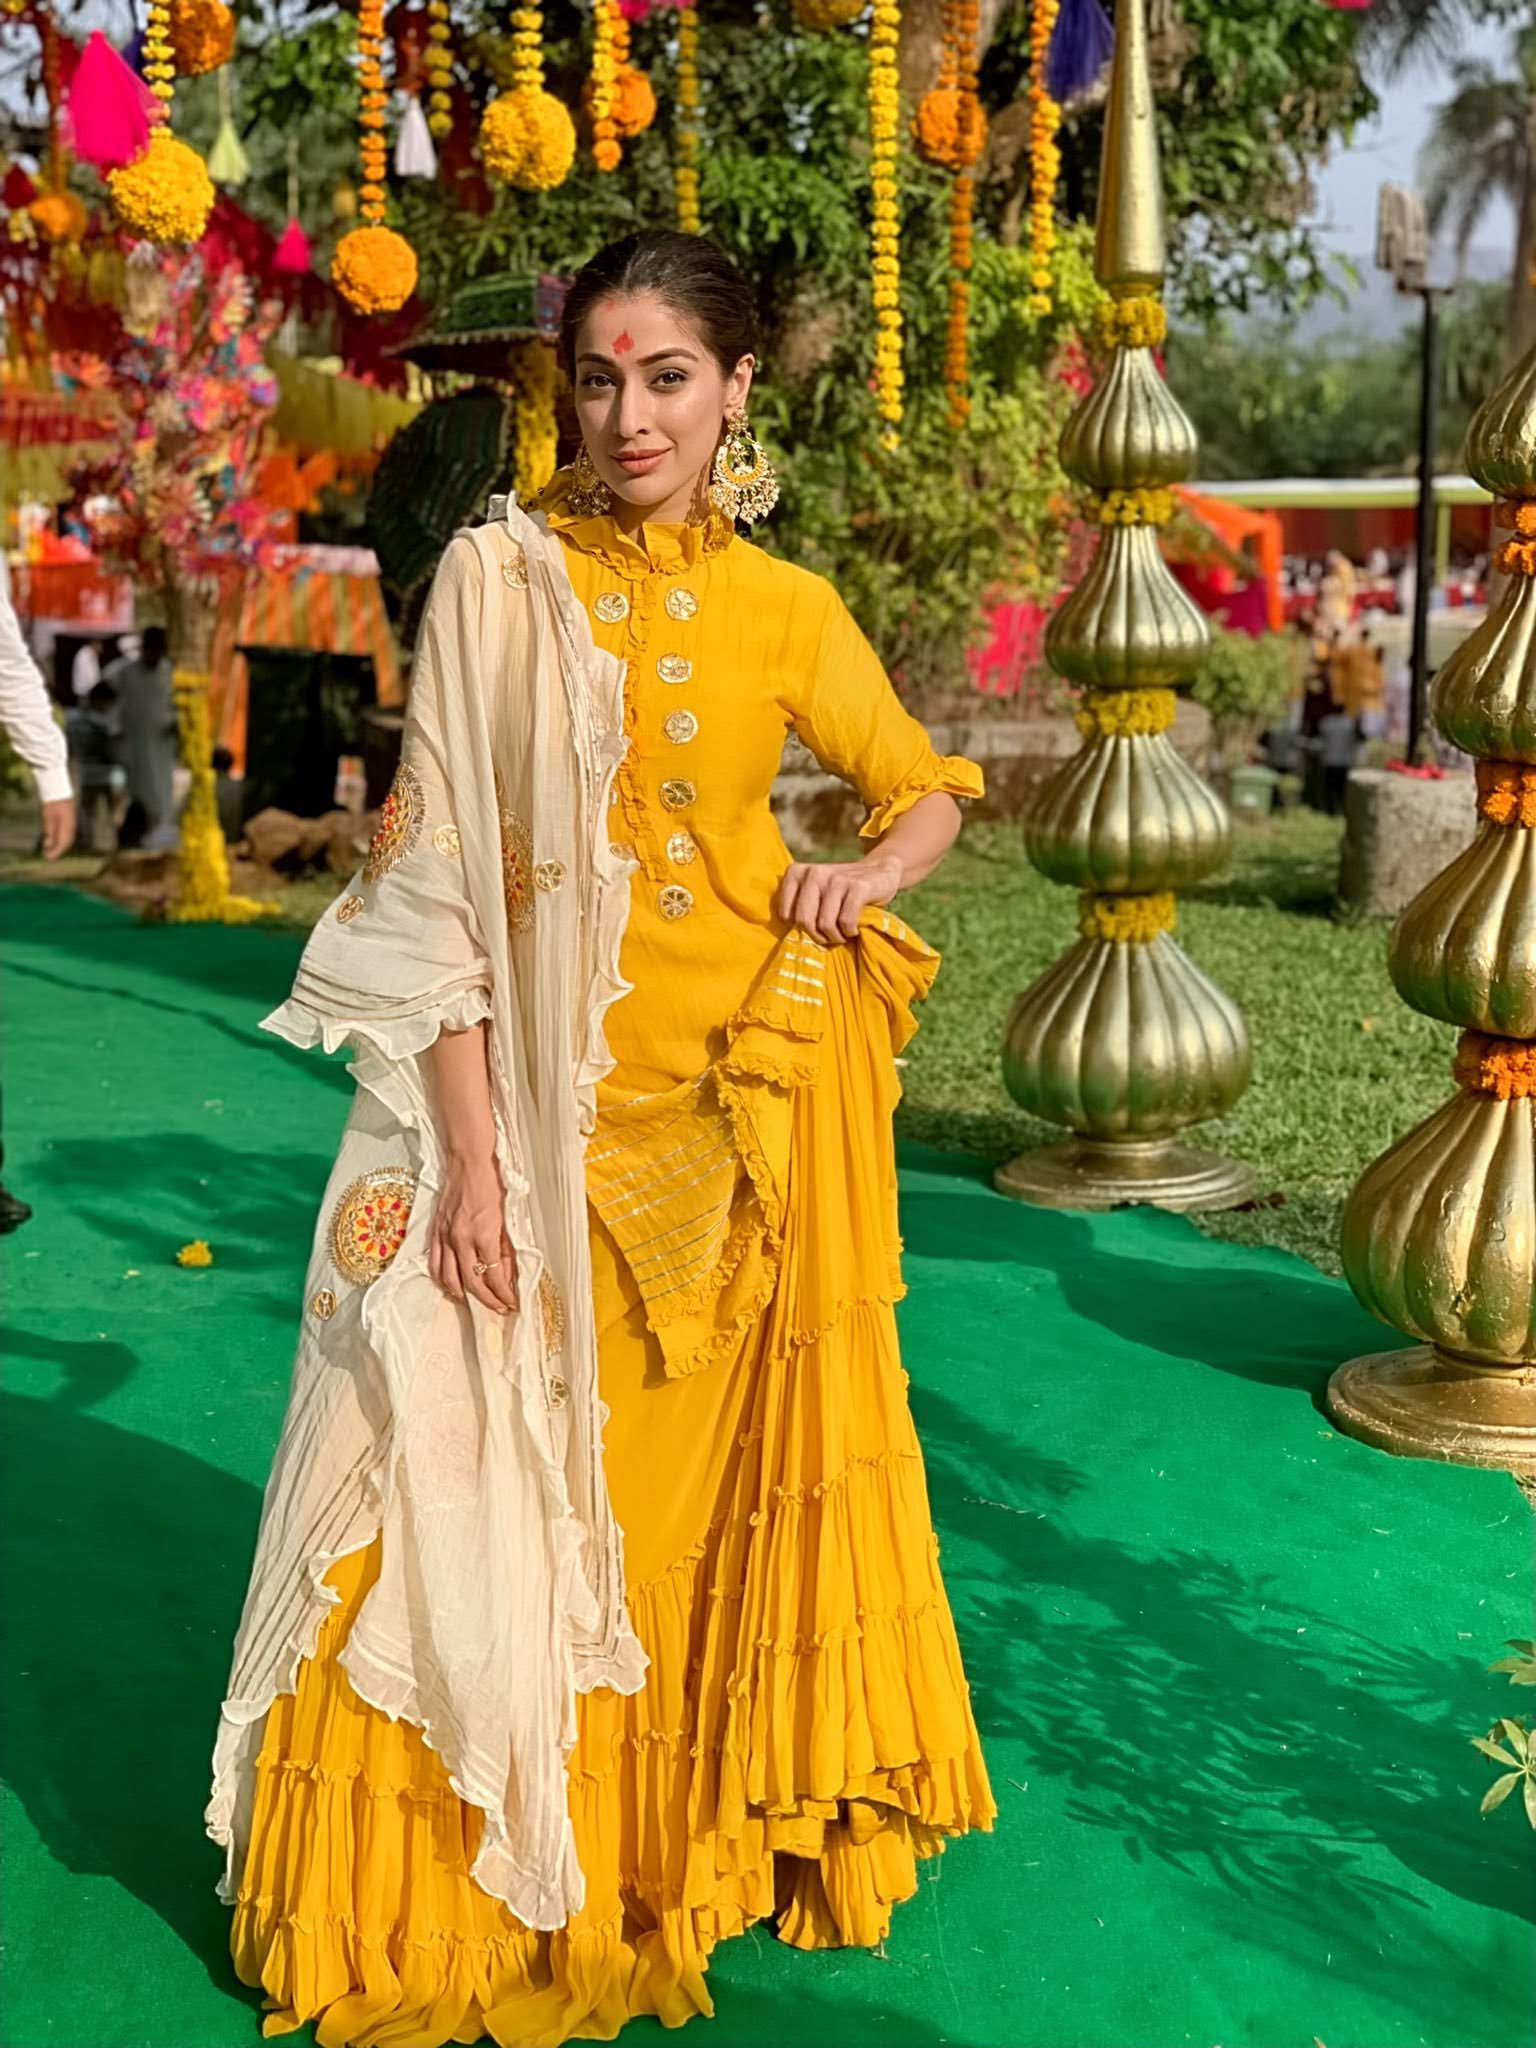 Rai-lakshmi-latest-images-32600